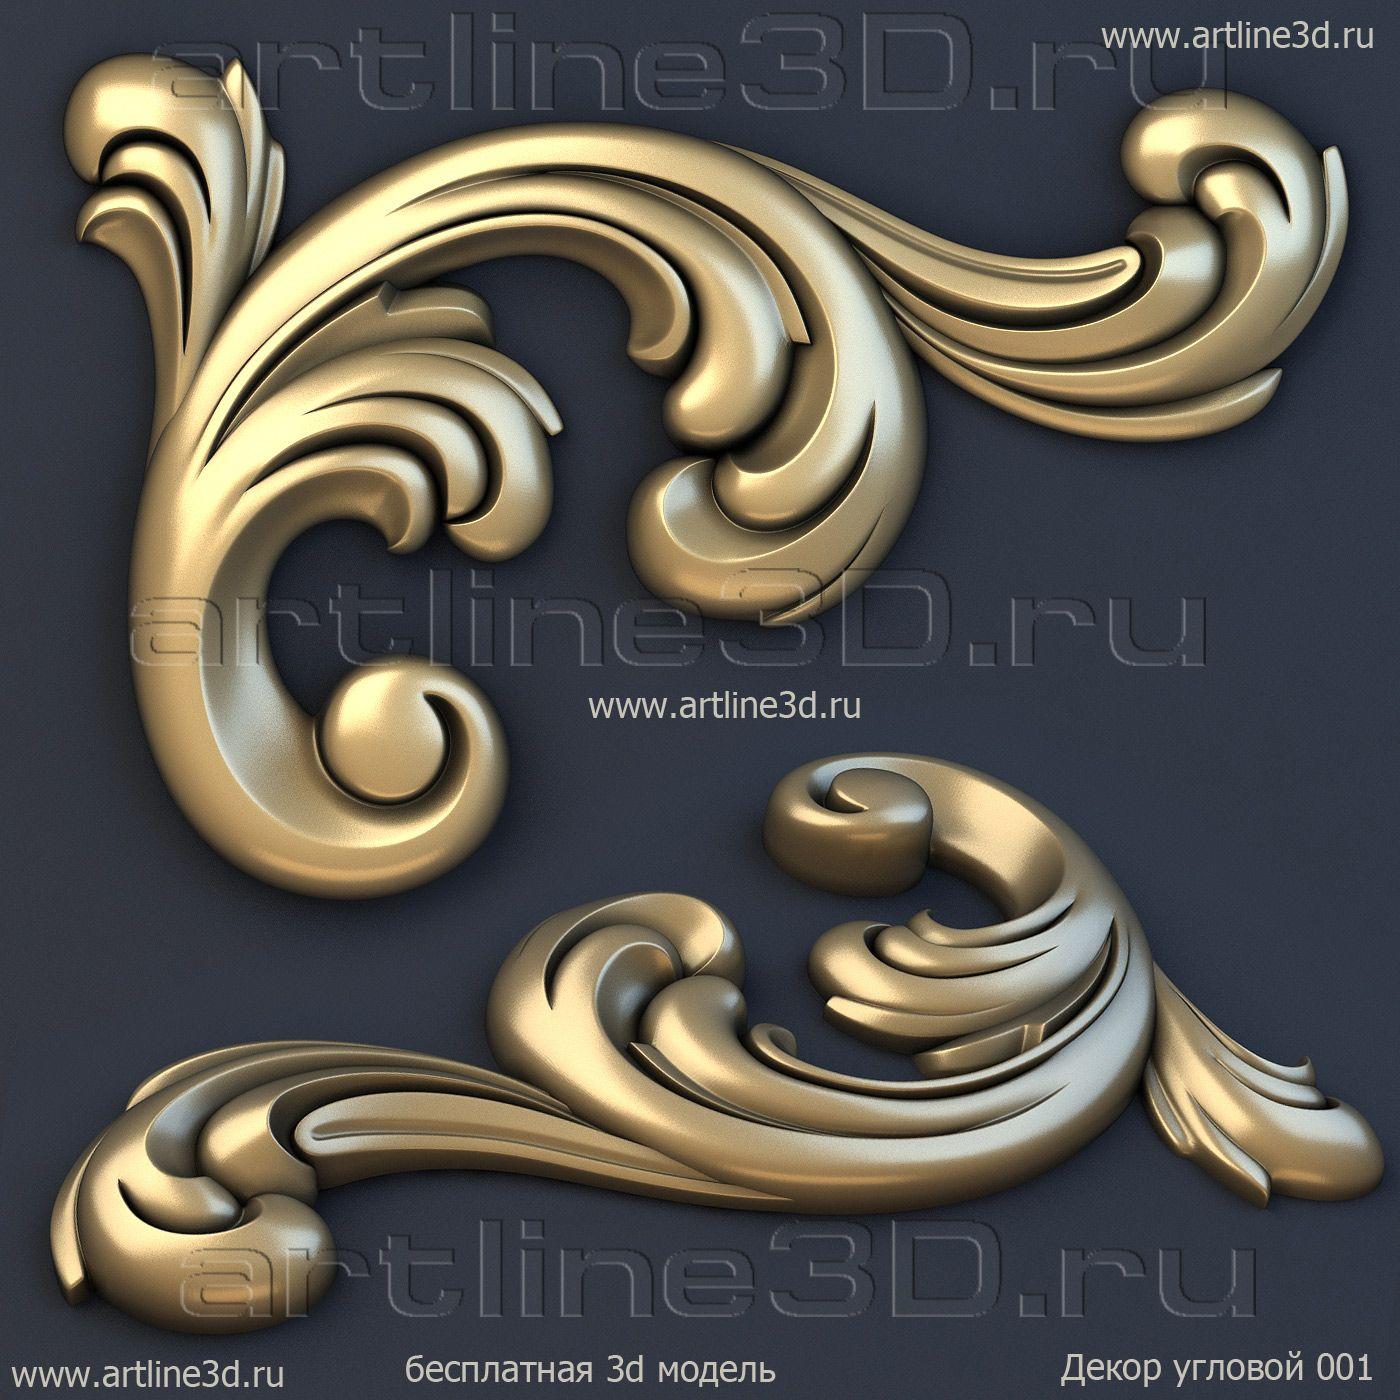 Скачать бесплатные 3d модели - artline3d.ru